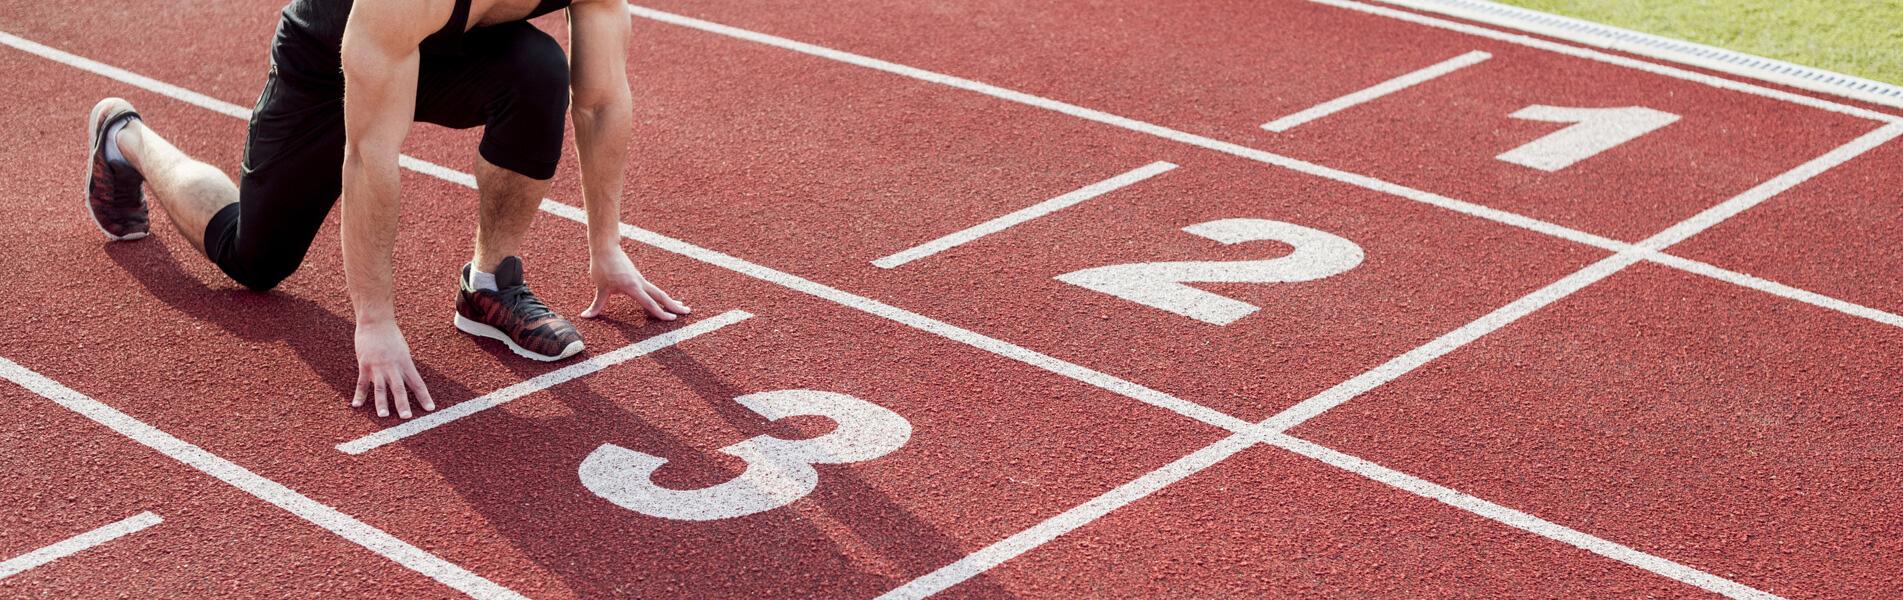 Athletics Tracks